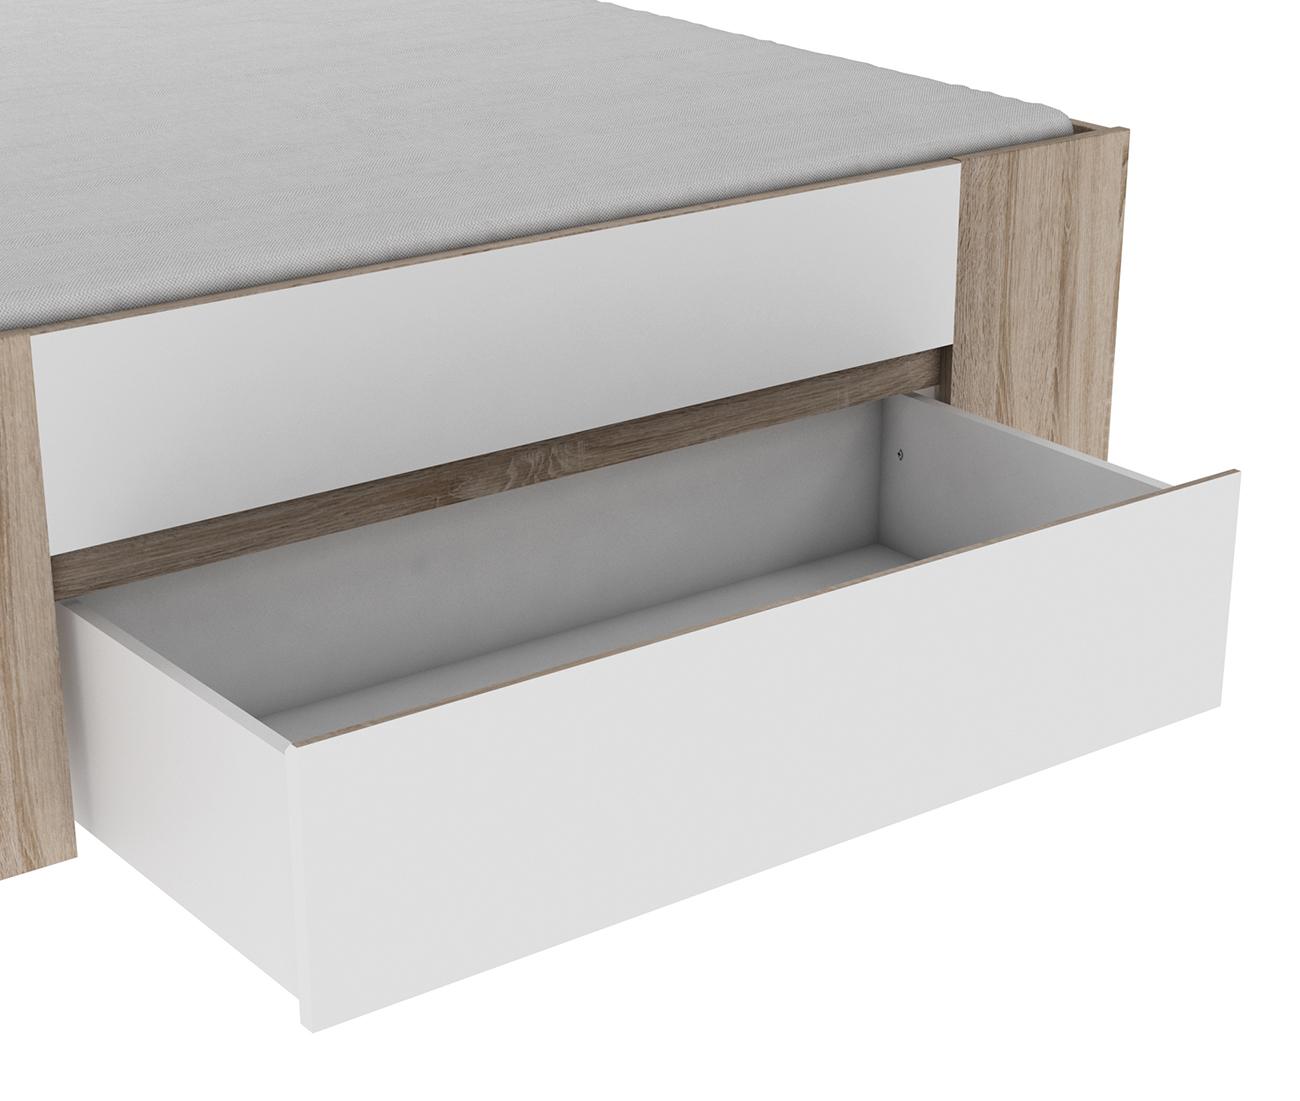 Funktionsbett Mailo 140*200 cm grau / weiß